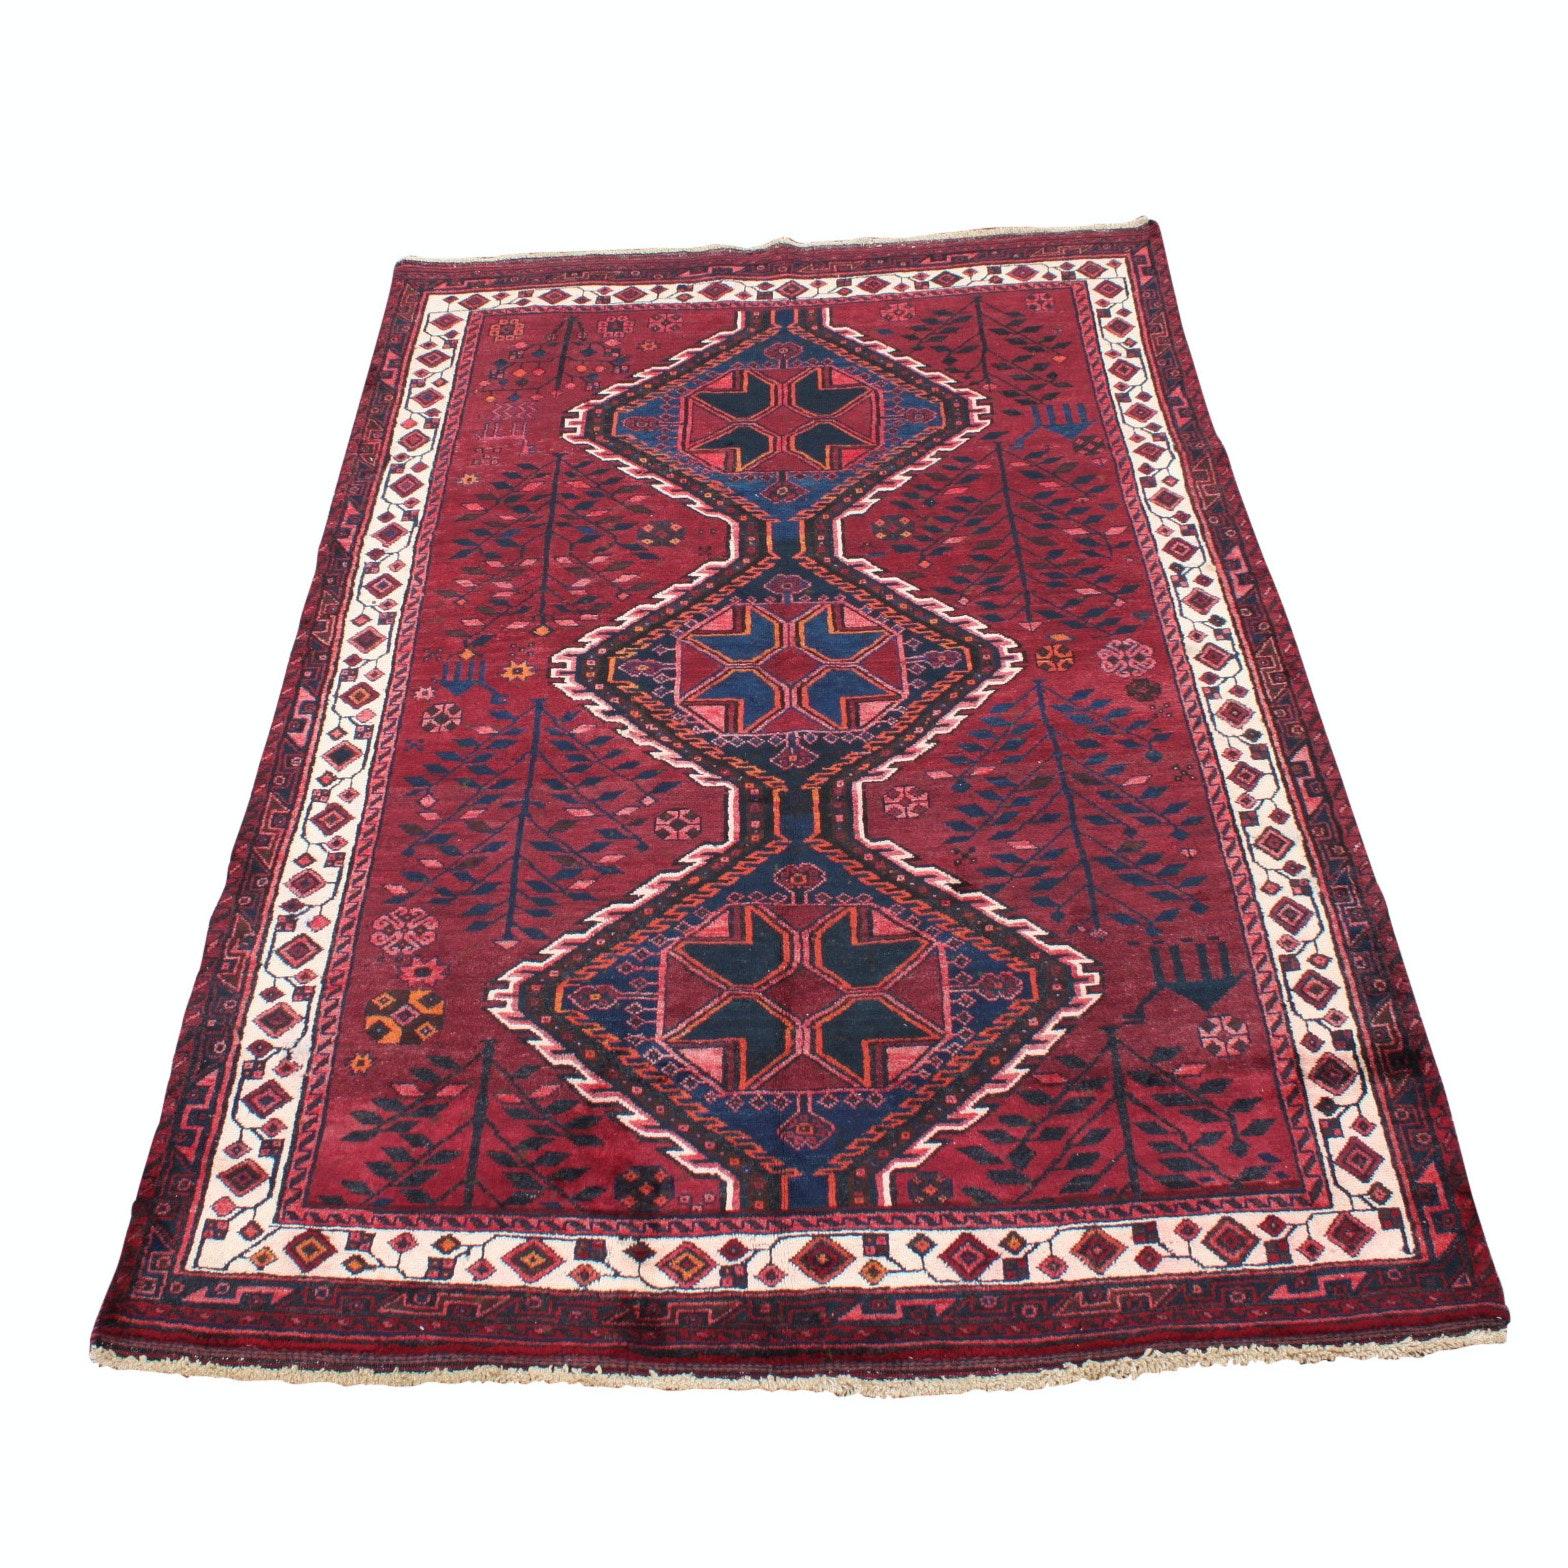 Vintage Hand-Knotted Persian Karaja Heriz Wool Area Rug